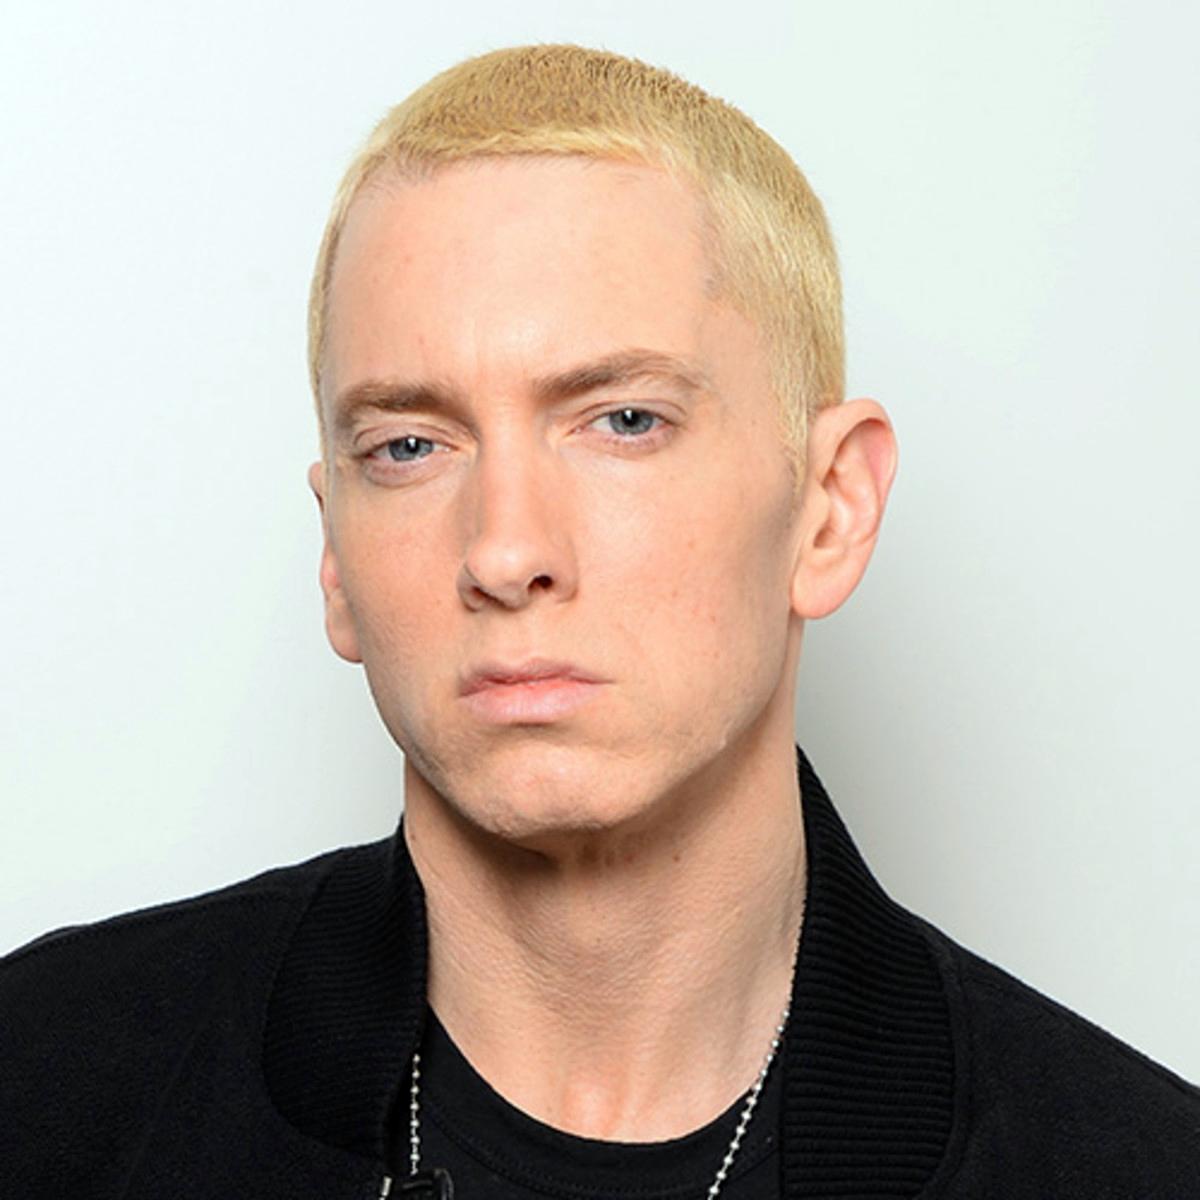 4 37 10 Celebrities Who Have Battled Drug Addiction